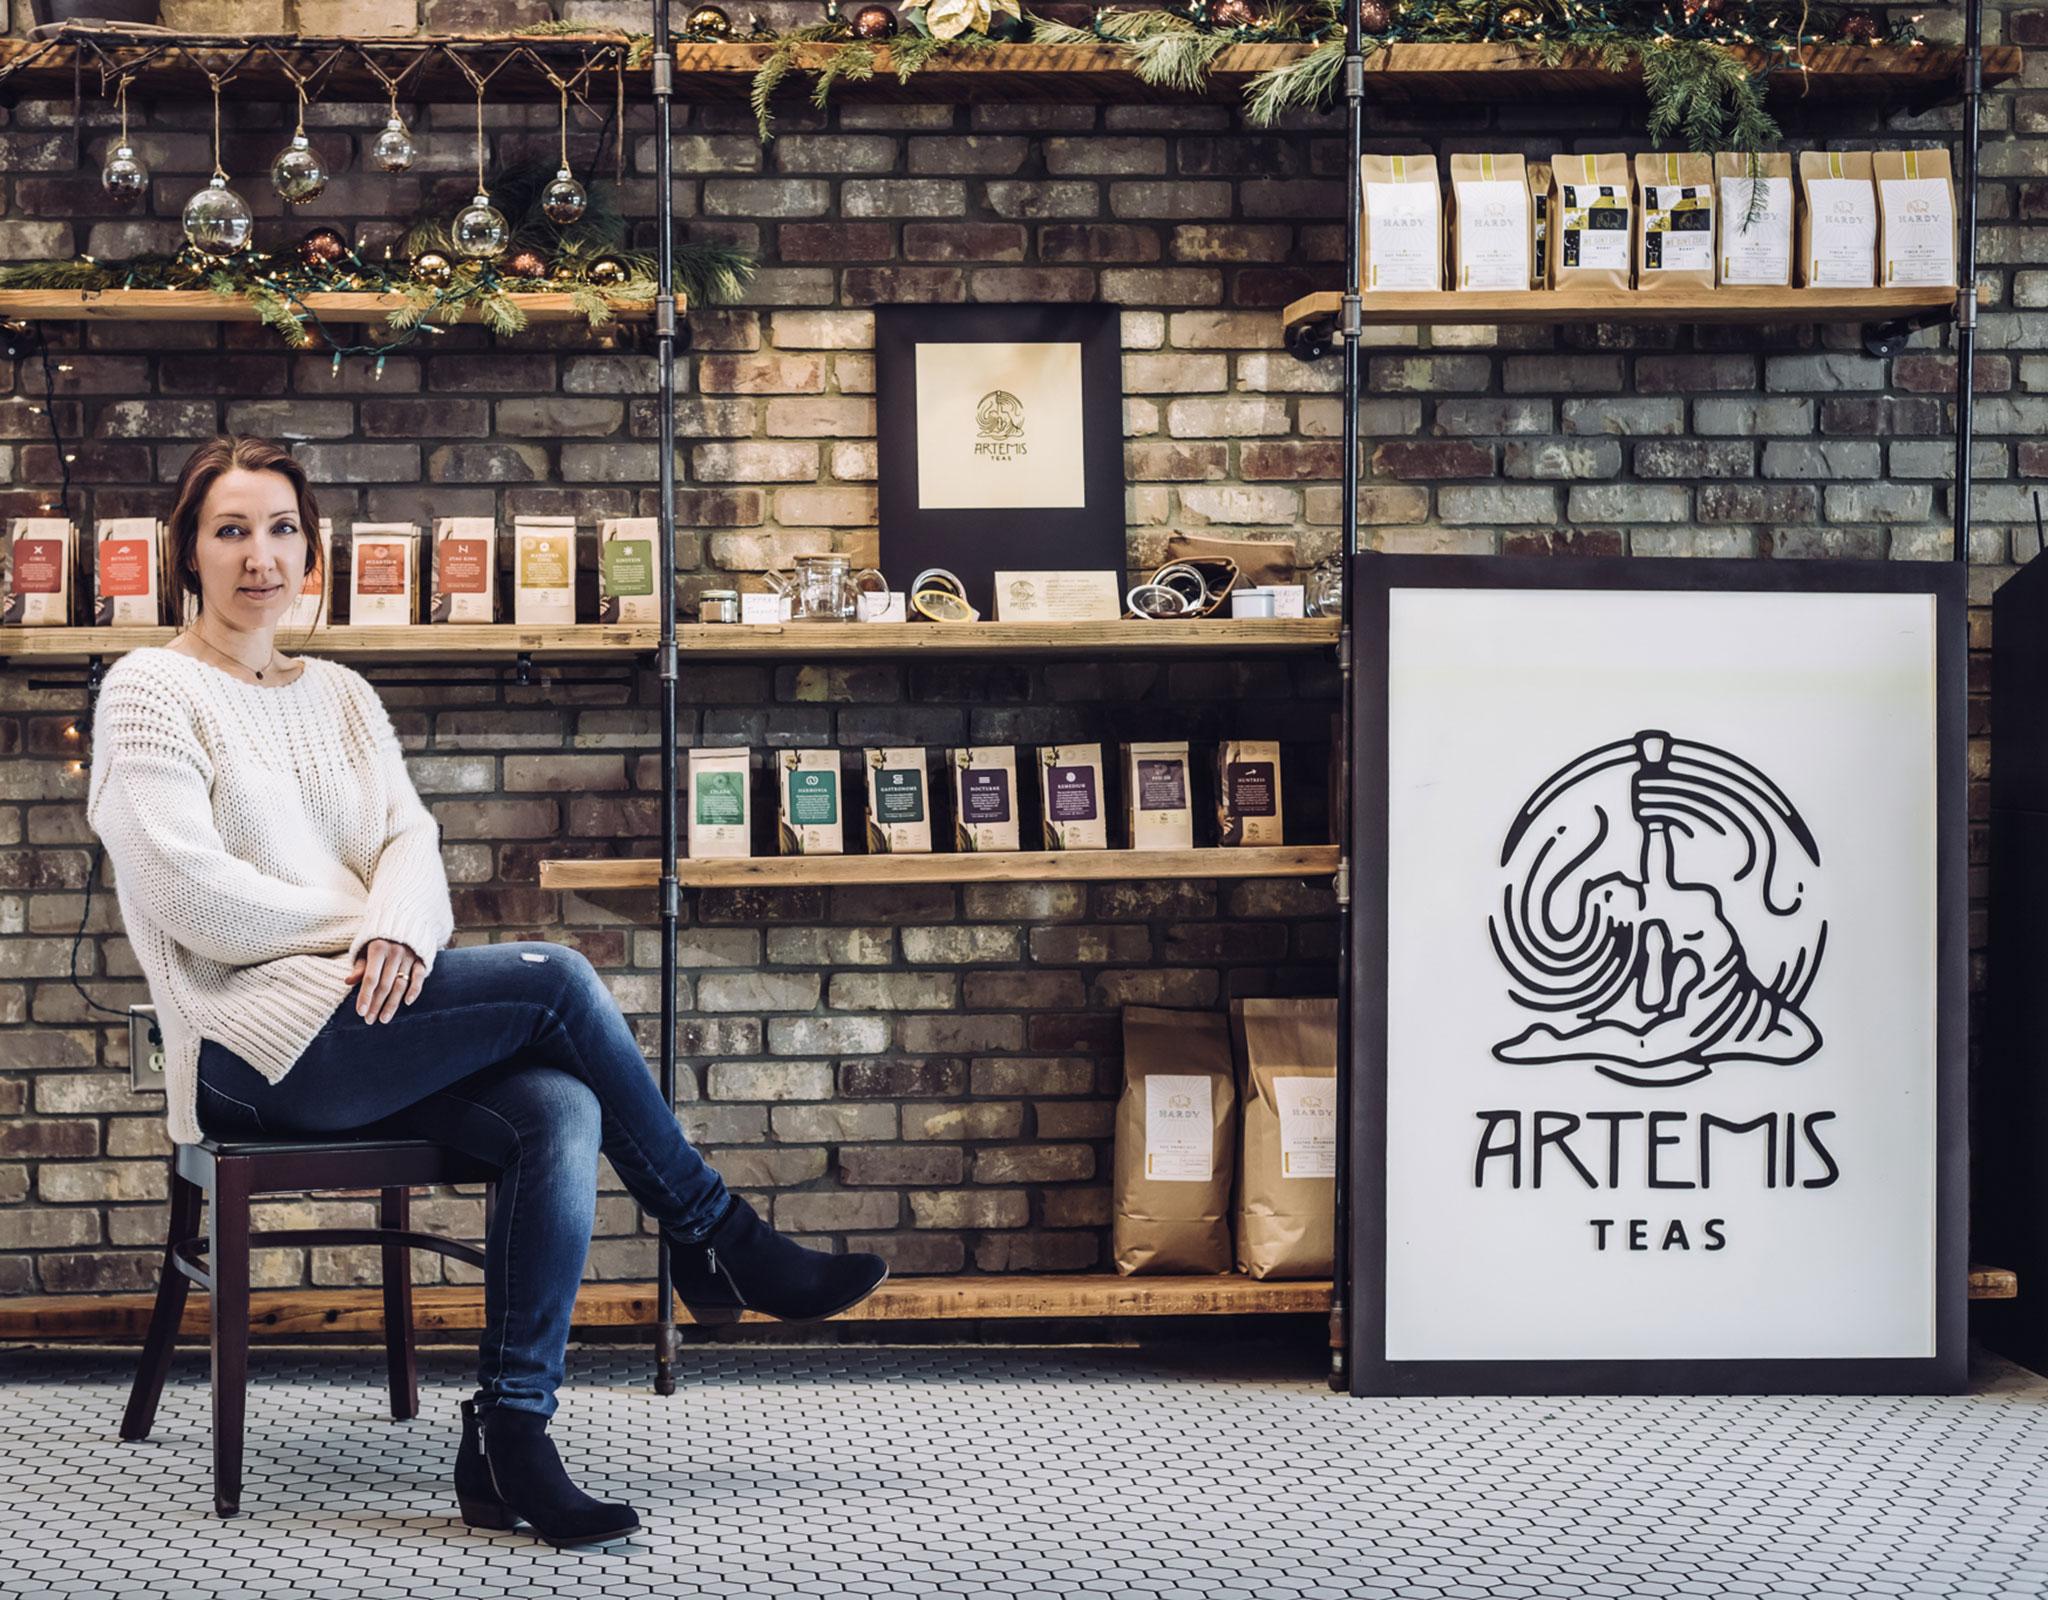 Artemis Tea